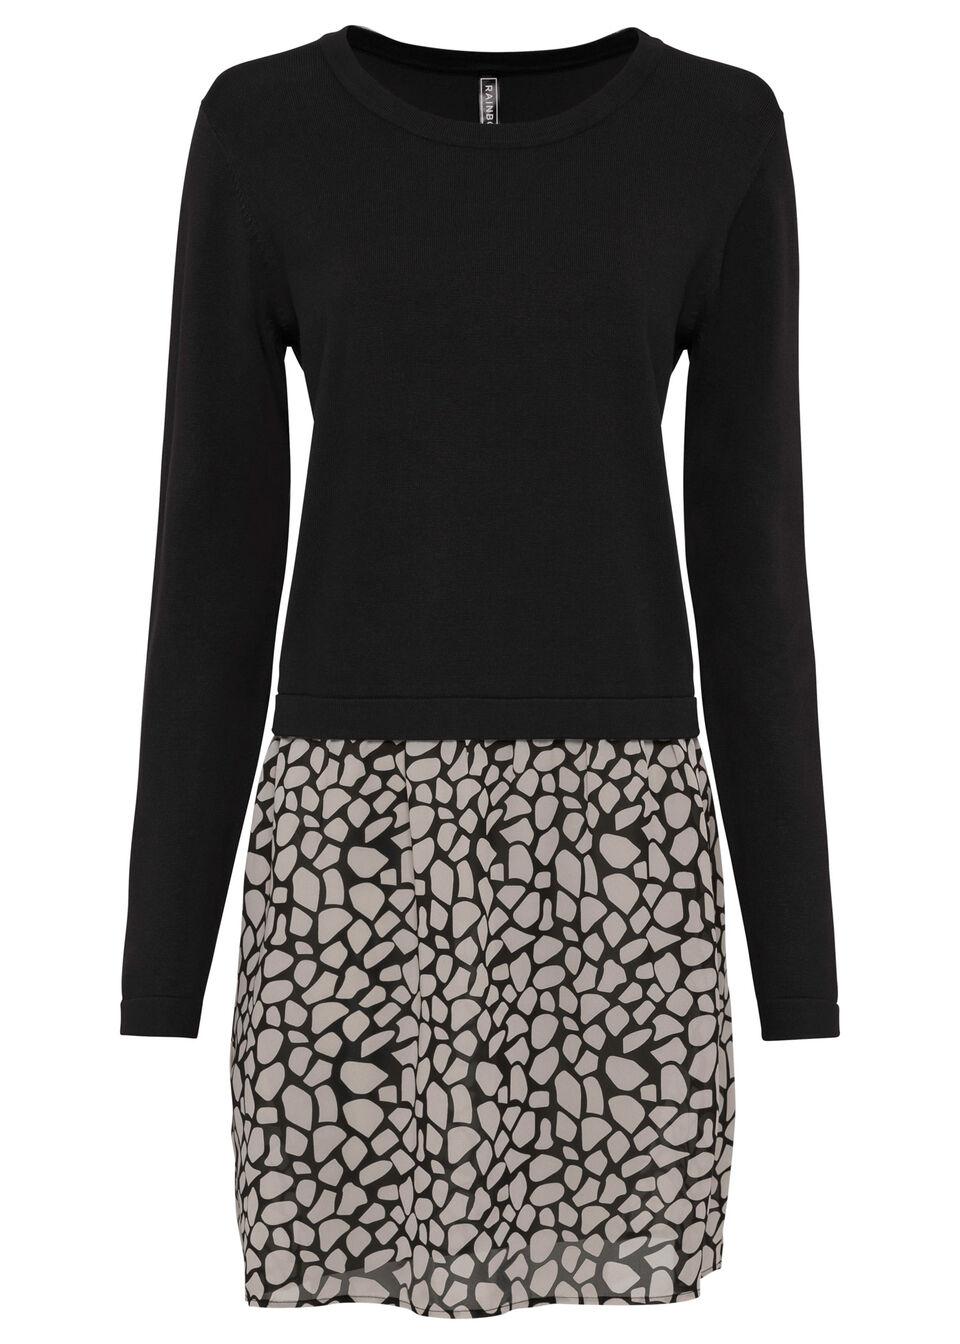 Sweter z wstawką w optyce spódnicy bonprix czarno-szary kamienisty